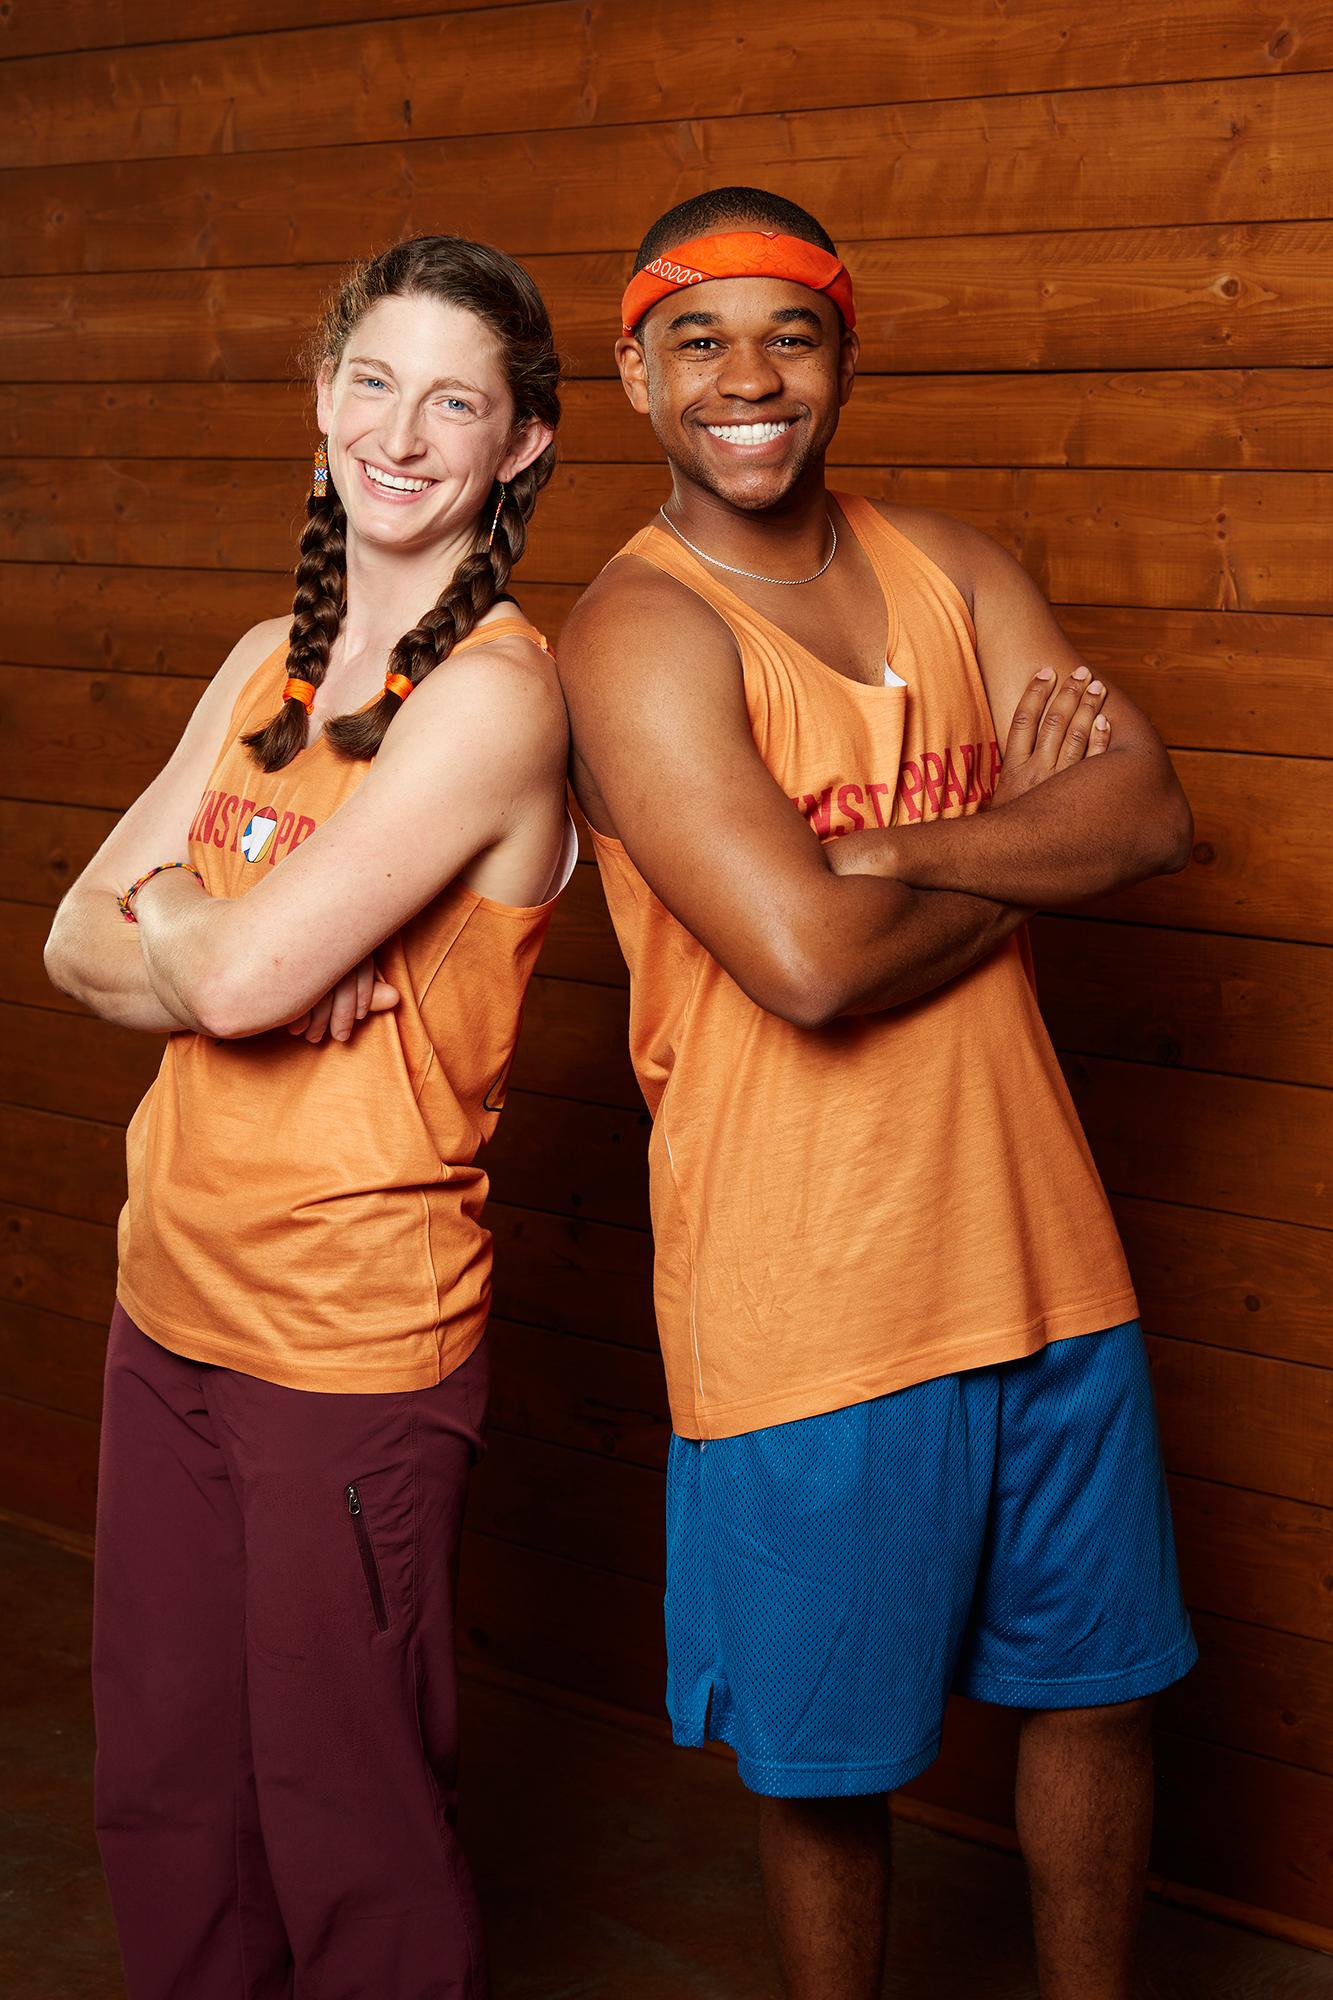 The Amazing Race' Season 31 Cast Revealed: Reality Star Showdown